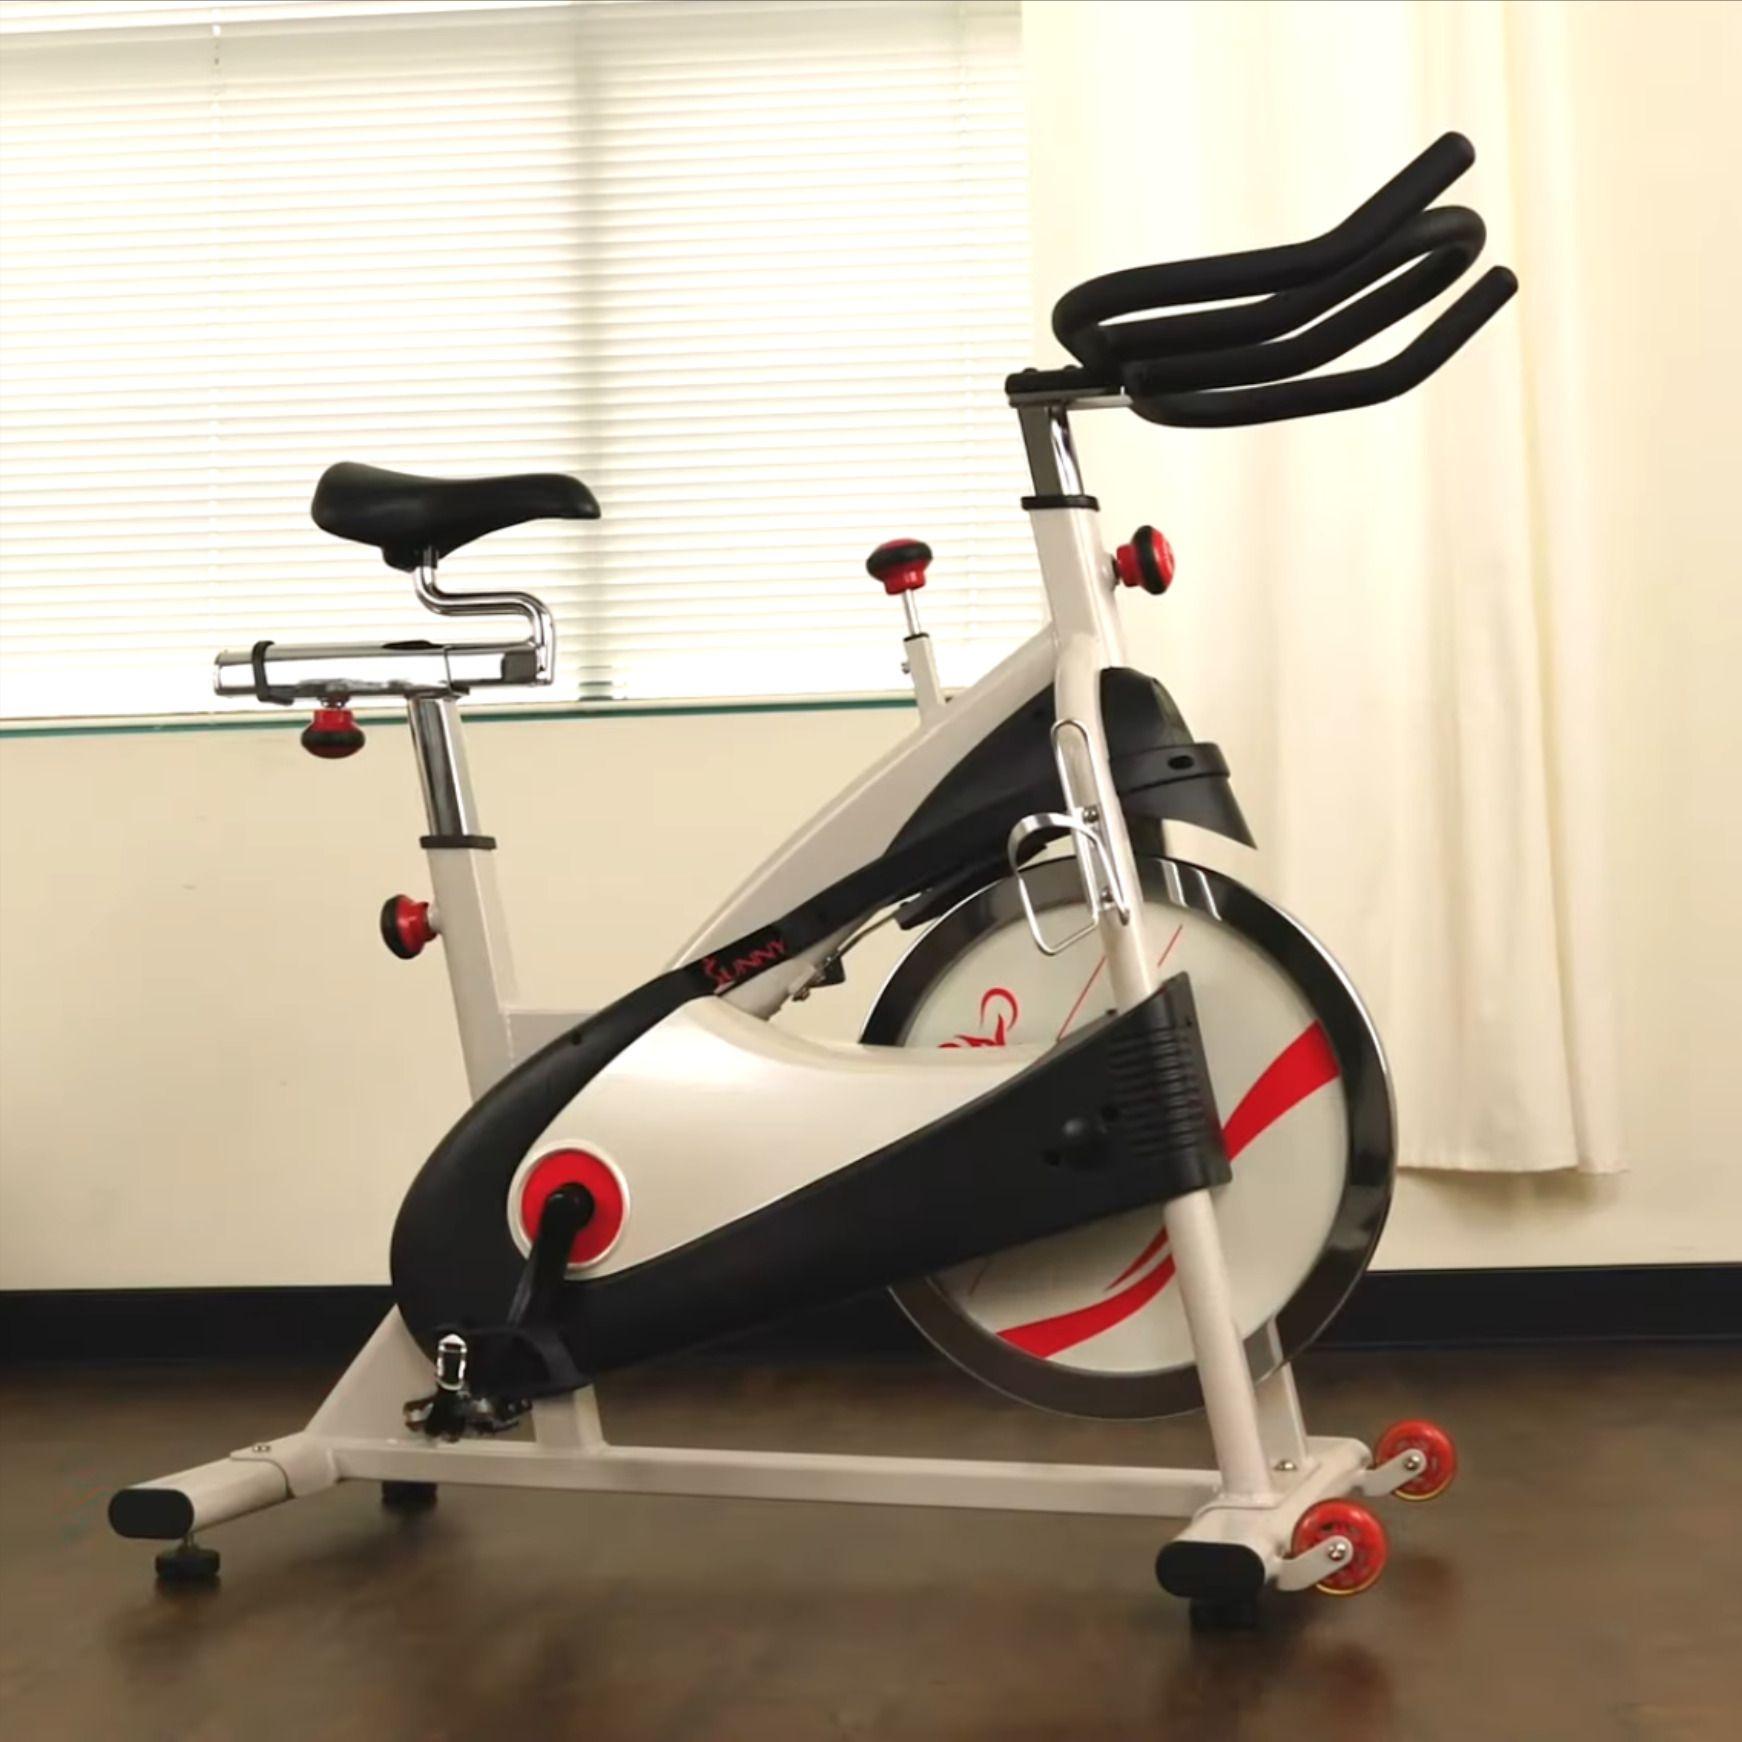 Spin Bike Brake Pads Biking Workout Spin Bikes Indoor Cycling Bike